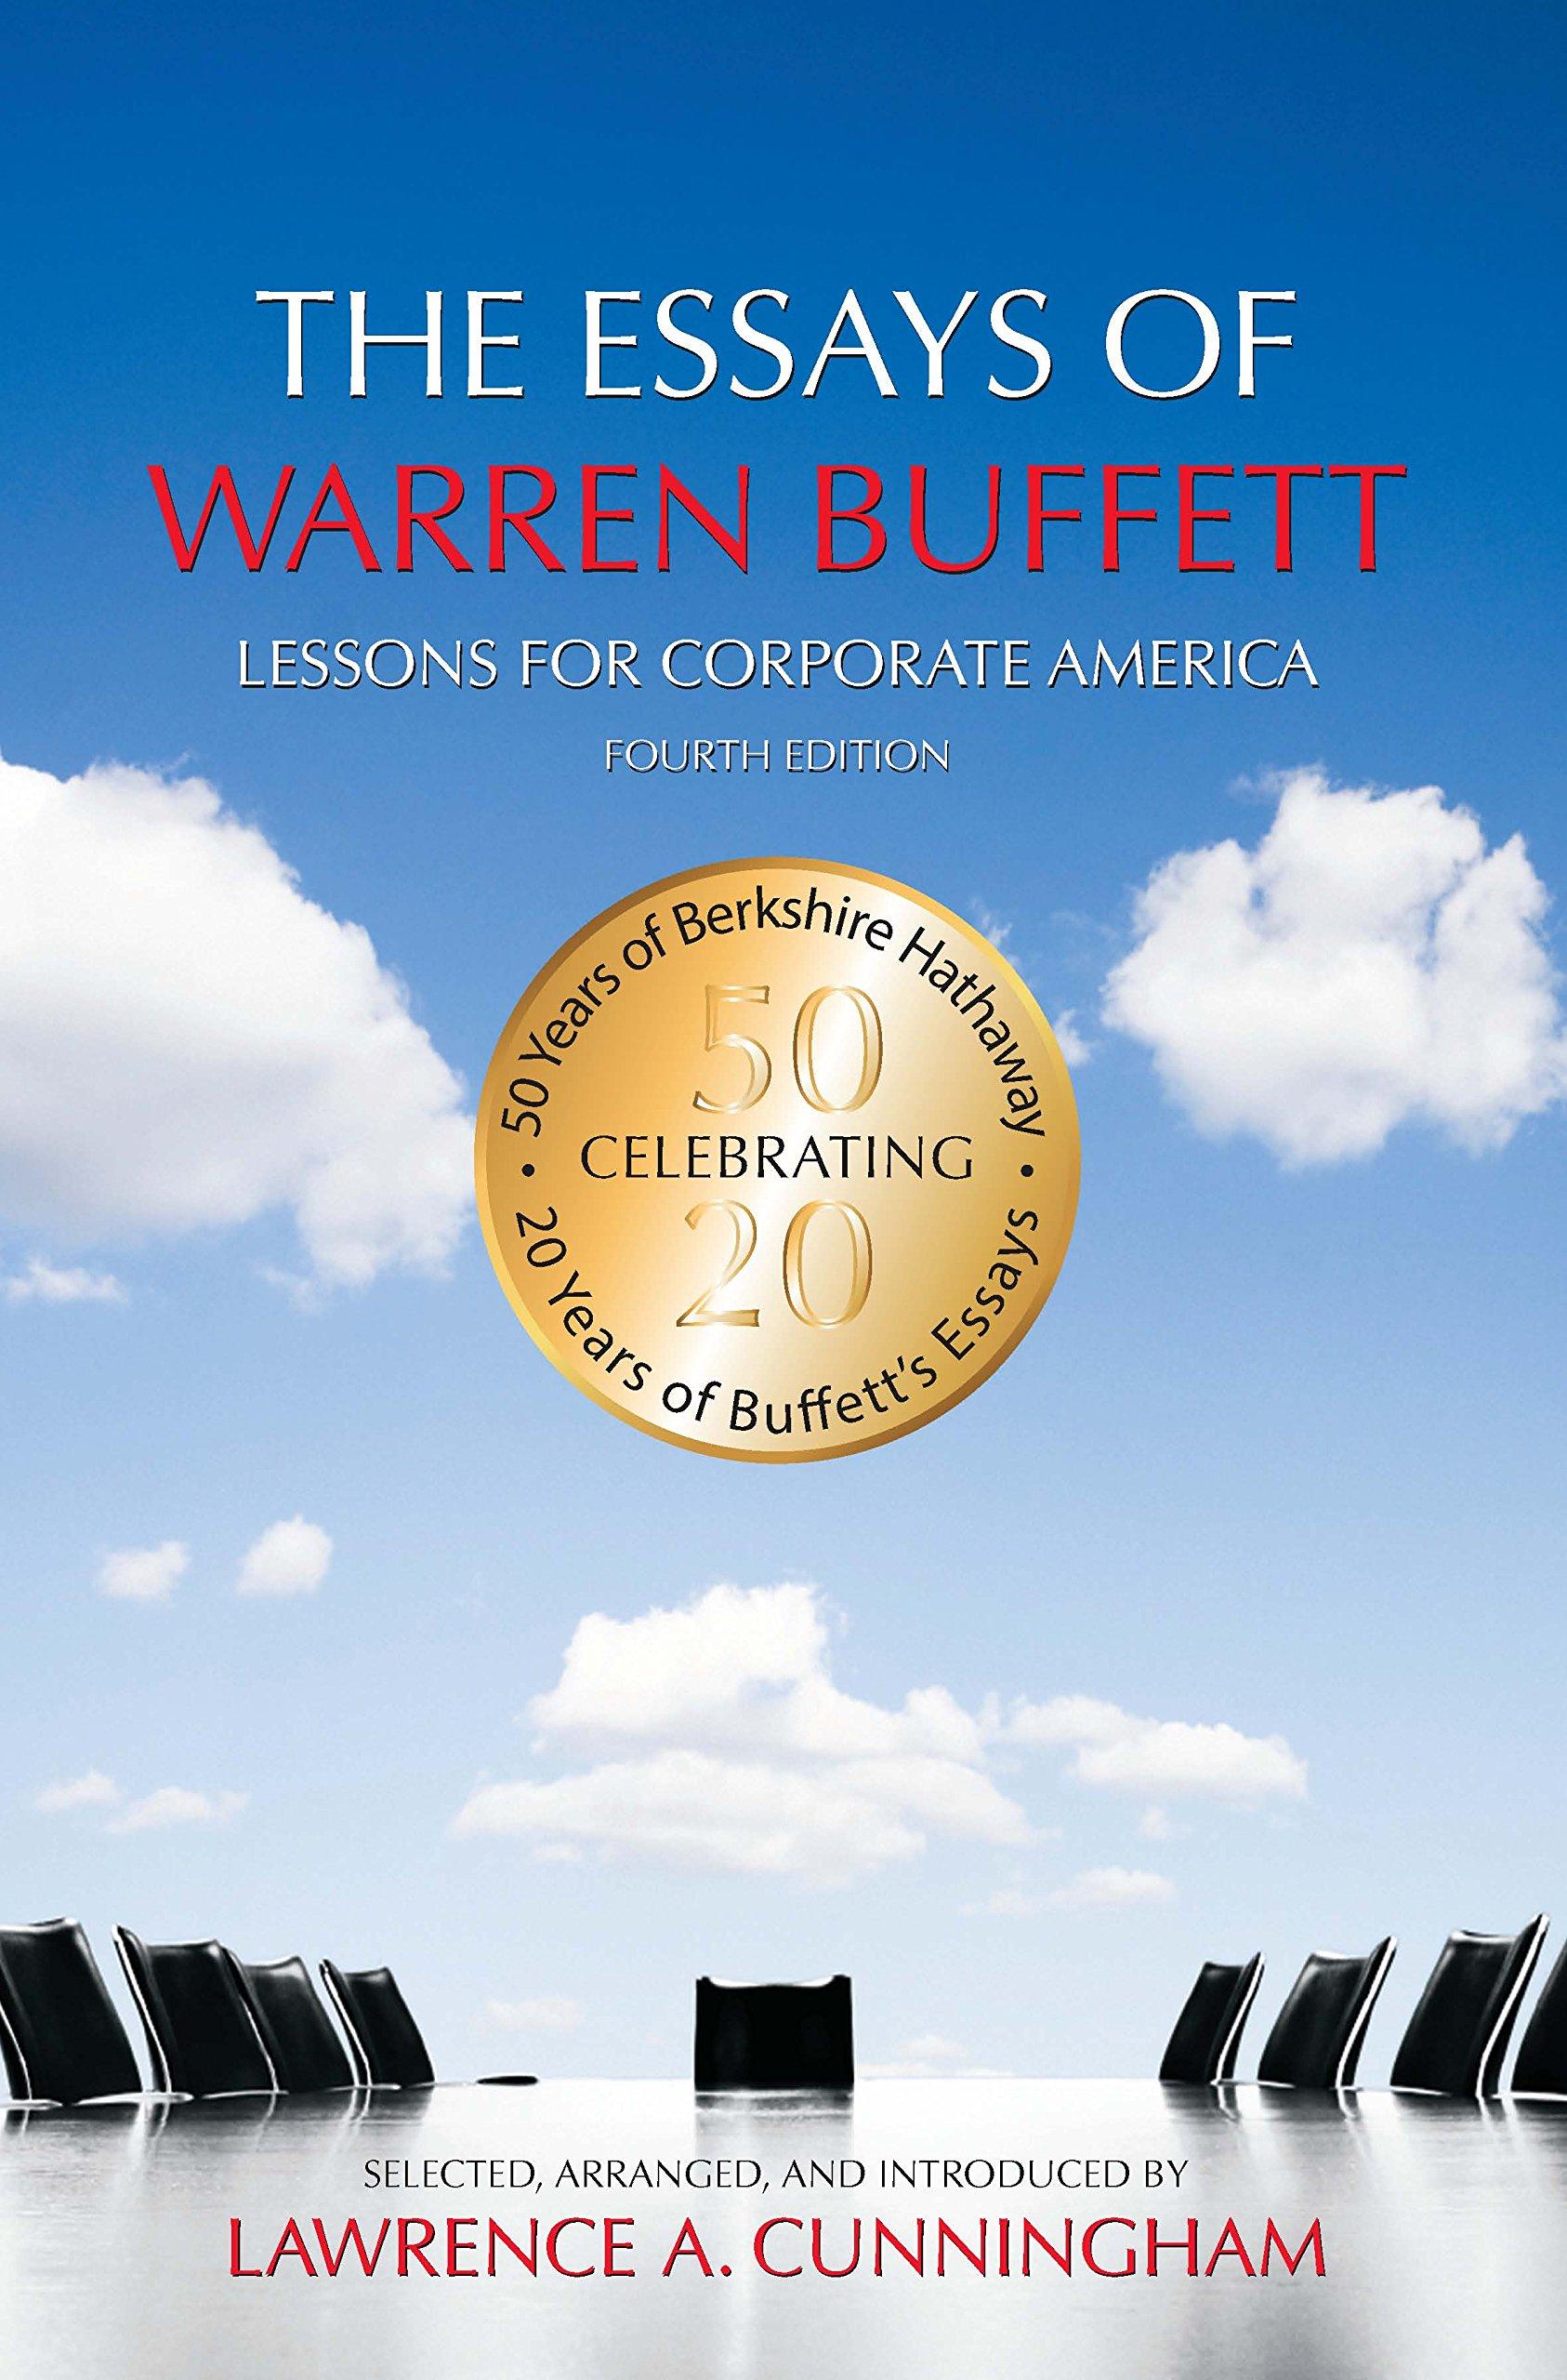 006 Die Essays Von Warren Buffett Essay Example Archaicawful Das Buch Für Investoren Pdf Und Unternehmer Full